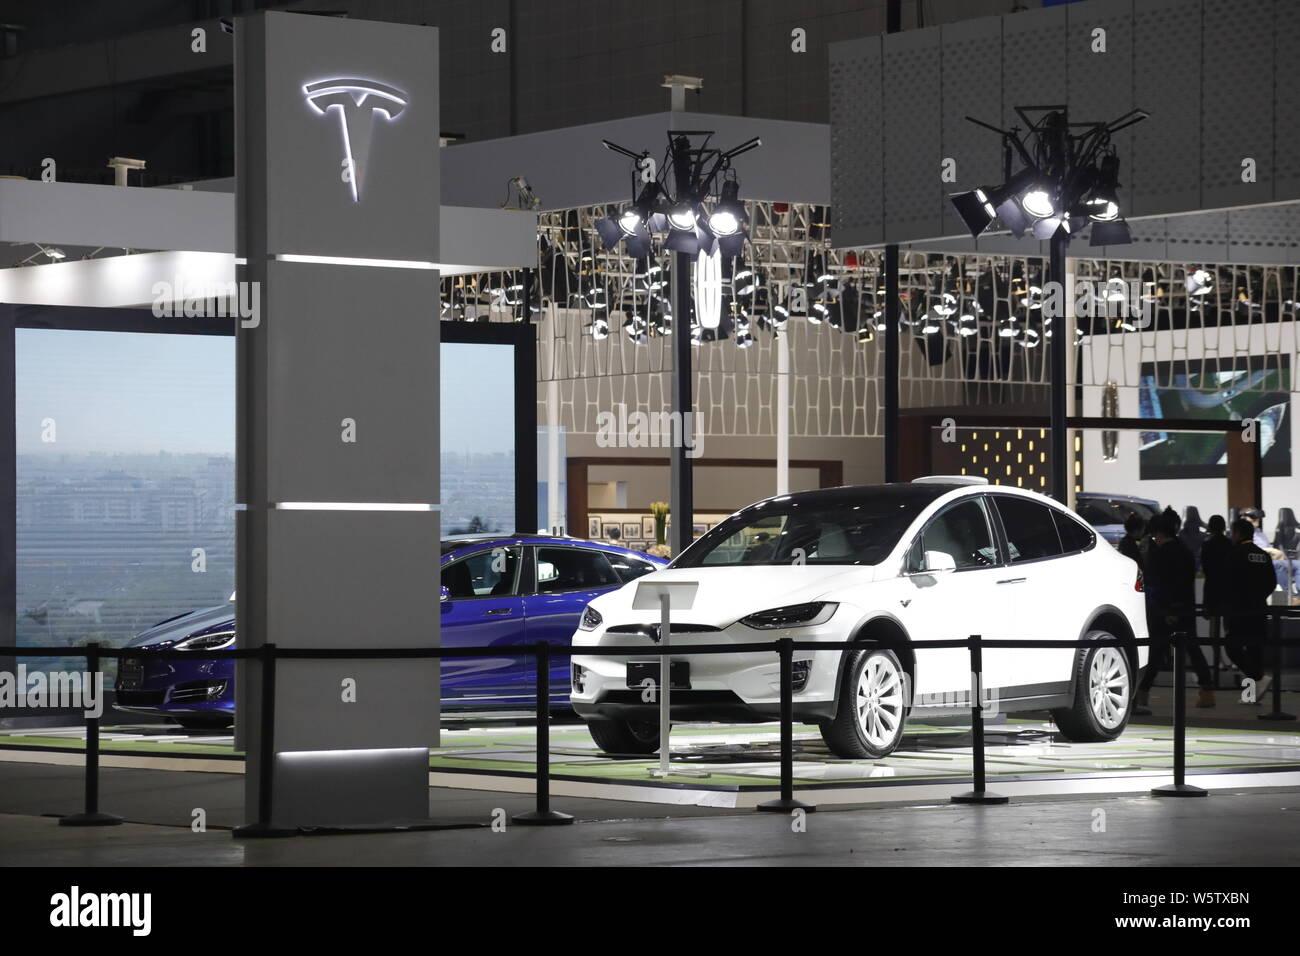 Tesla China Stock Photos & Tesla China Stock Images - Alamy